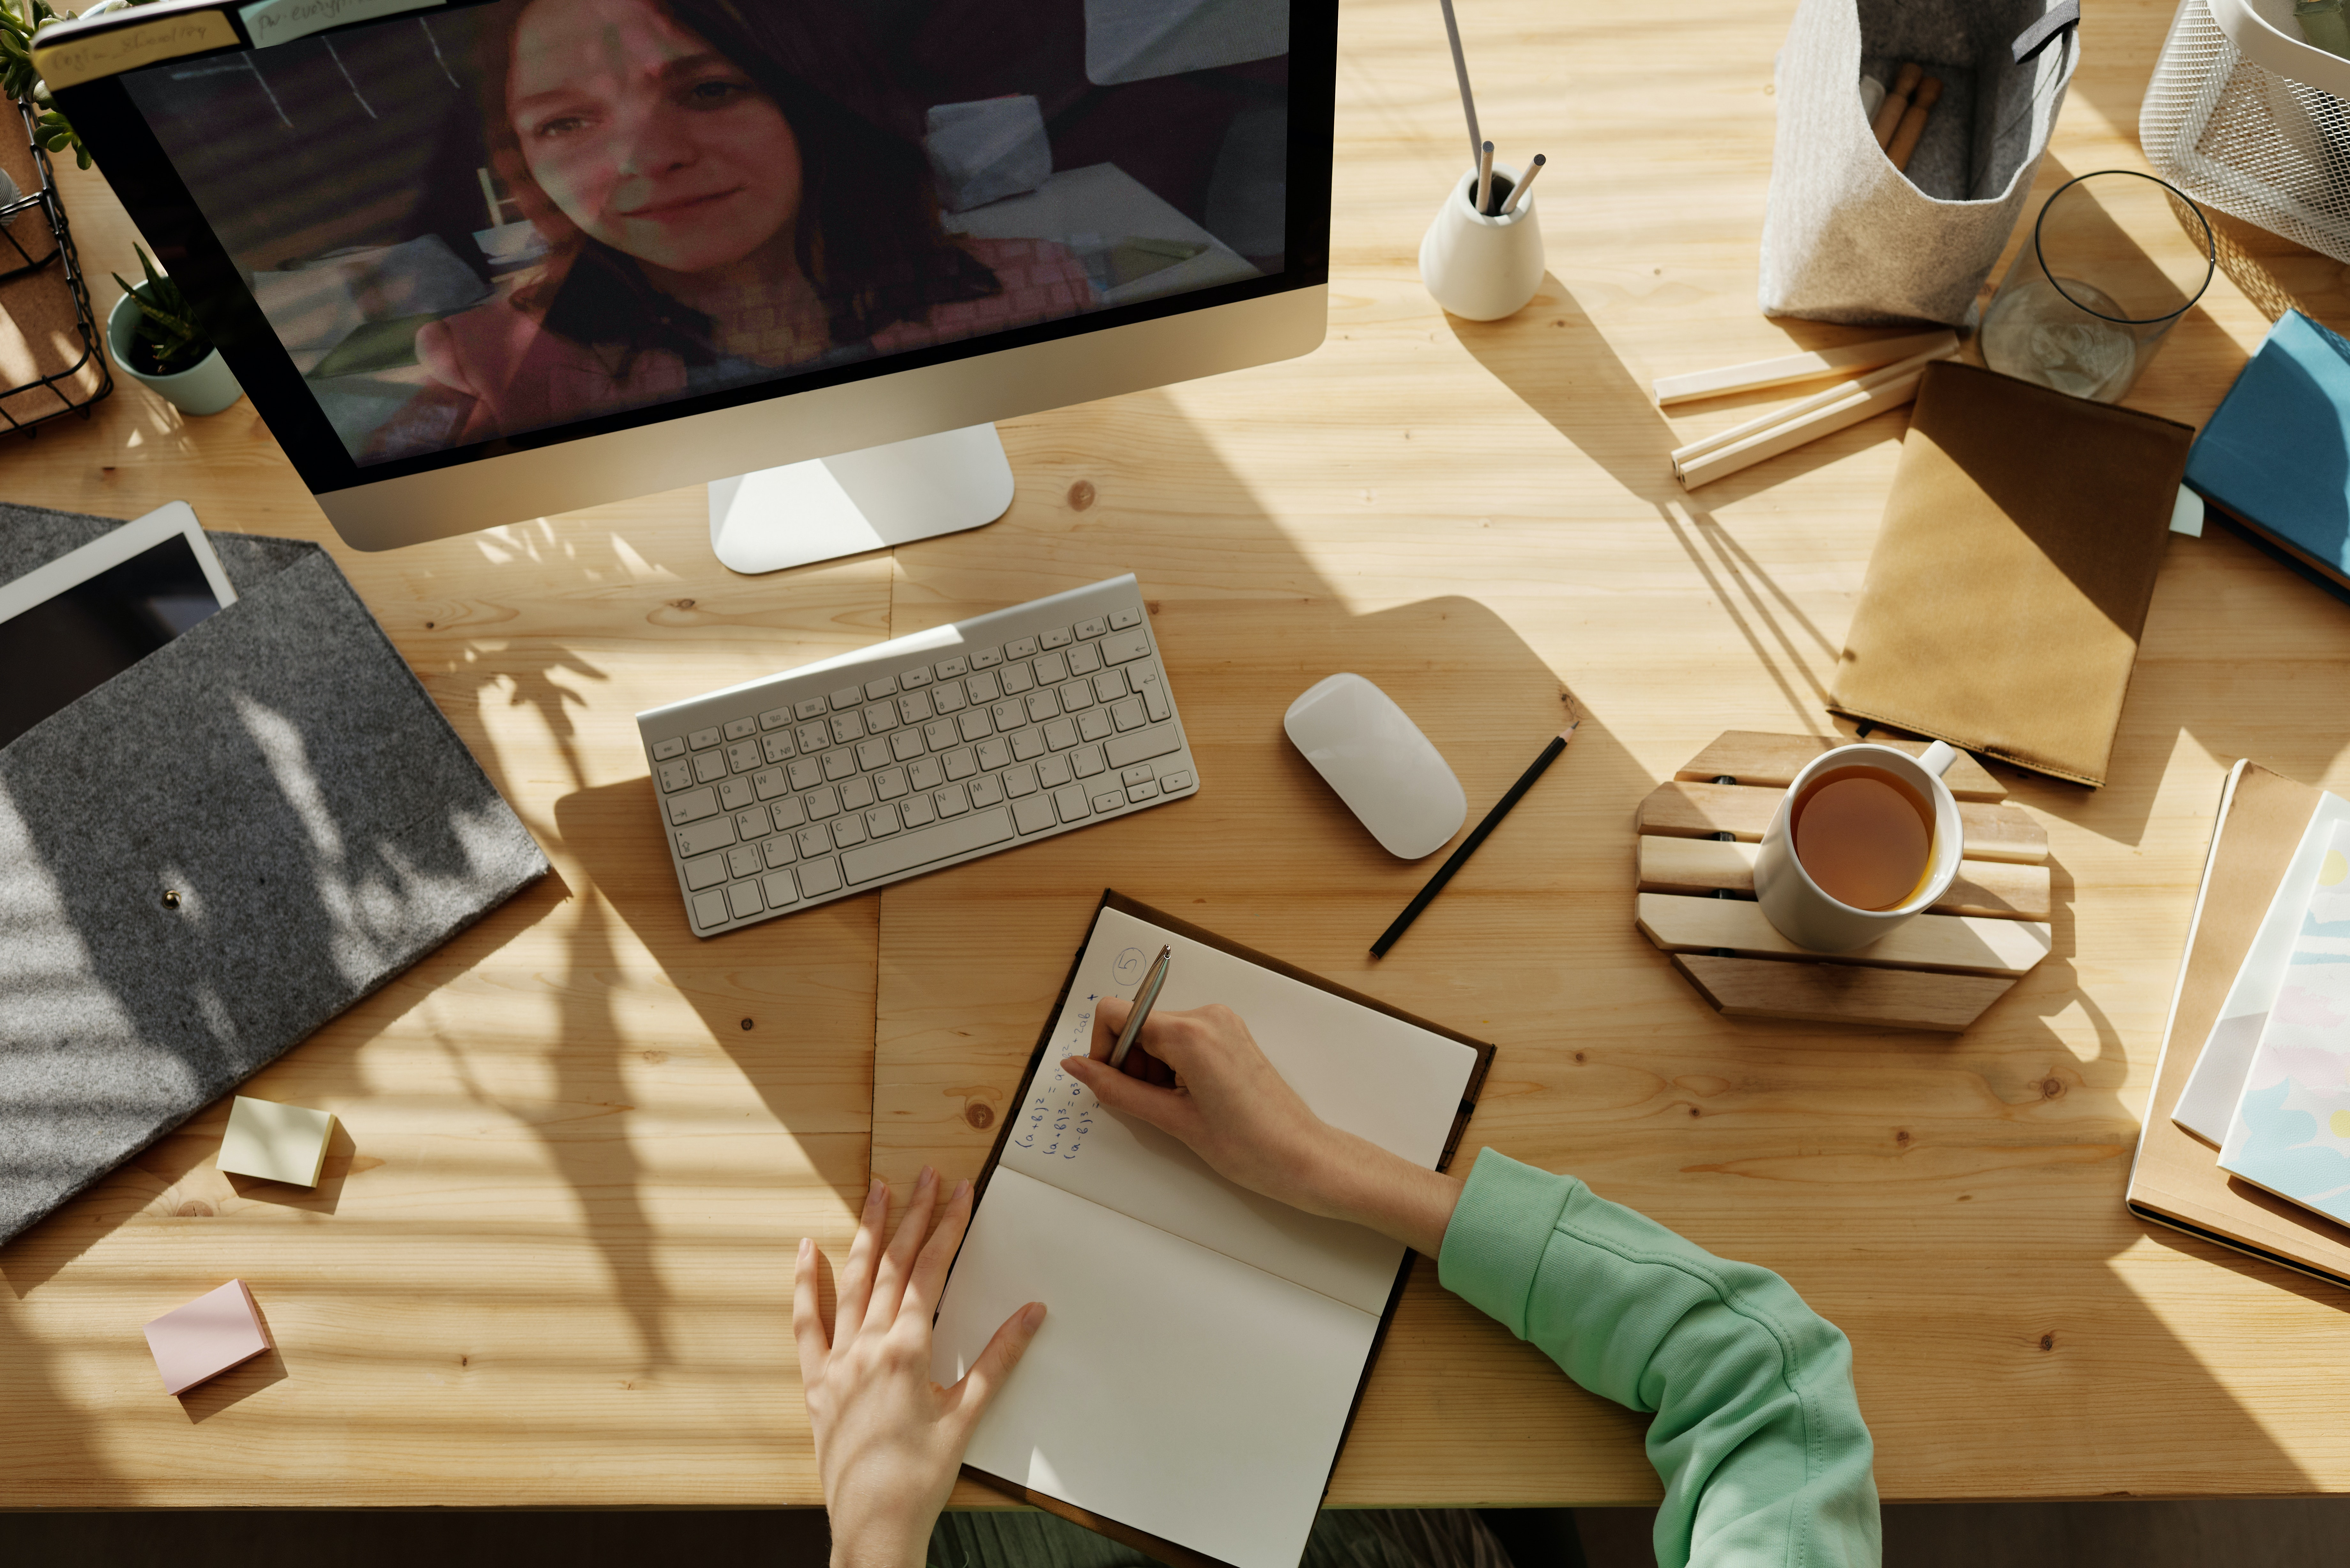 Schreibtisch von oben, Hände liegen auf einem Notizbuch, auf einem Computerbildschirm ist Kopf einer Frau abgebildet